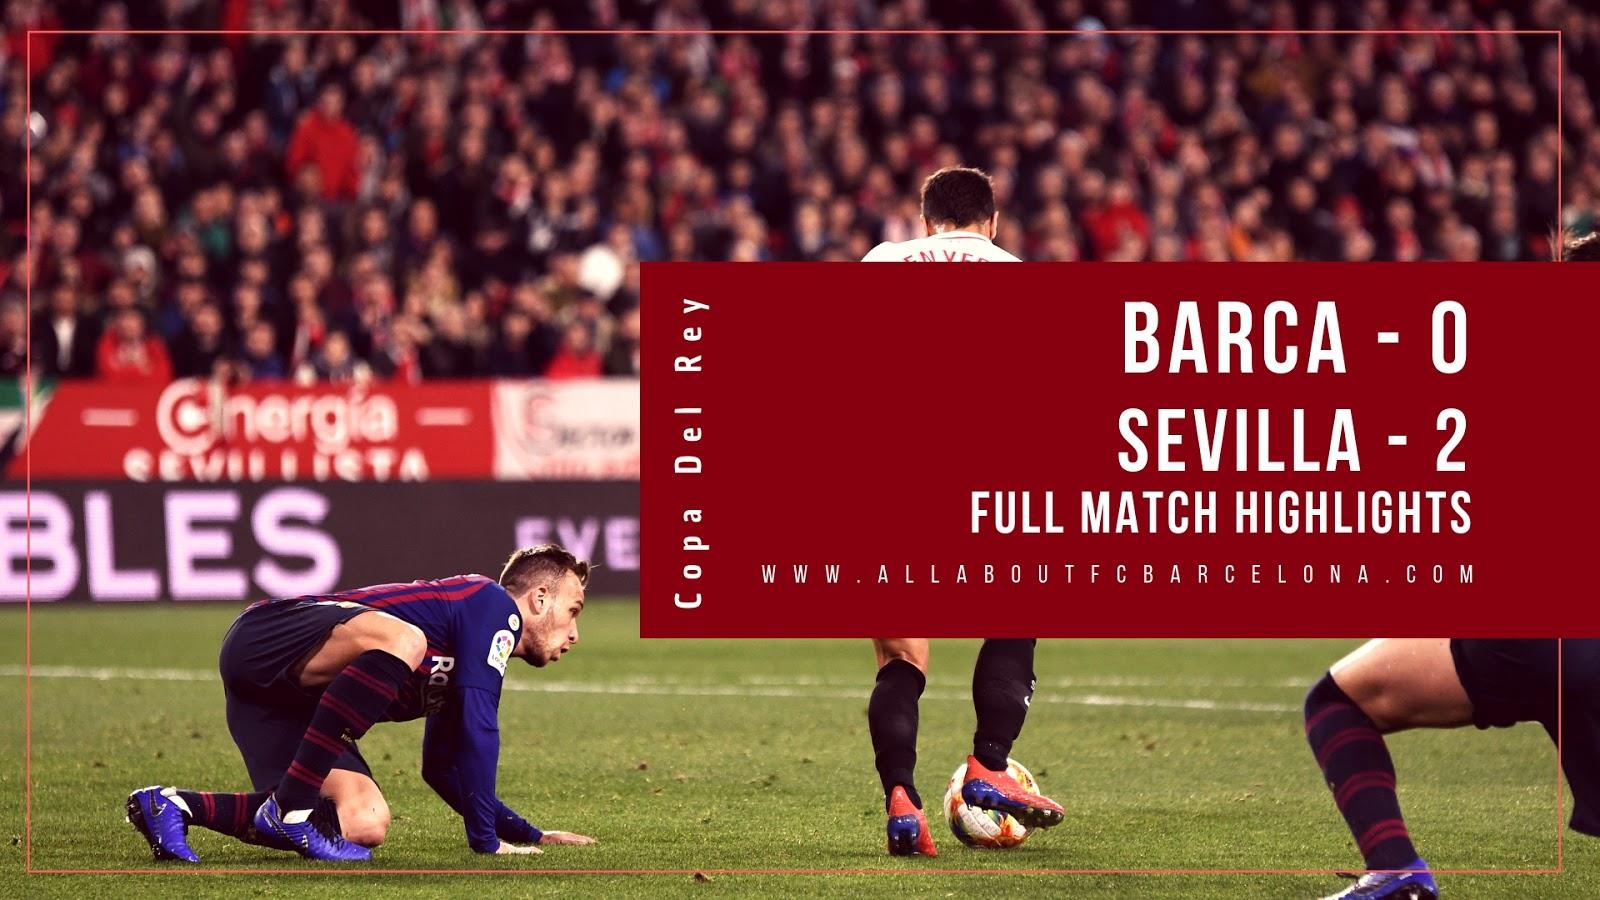 Barcelona vs Sevilla Copa Dely Match Highlights | Barca - 0, Sevilla - 2